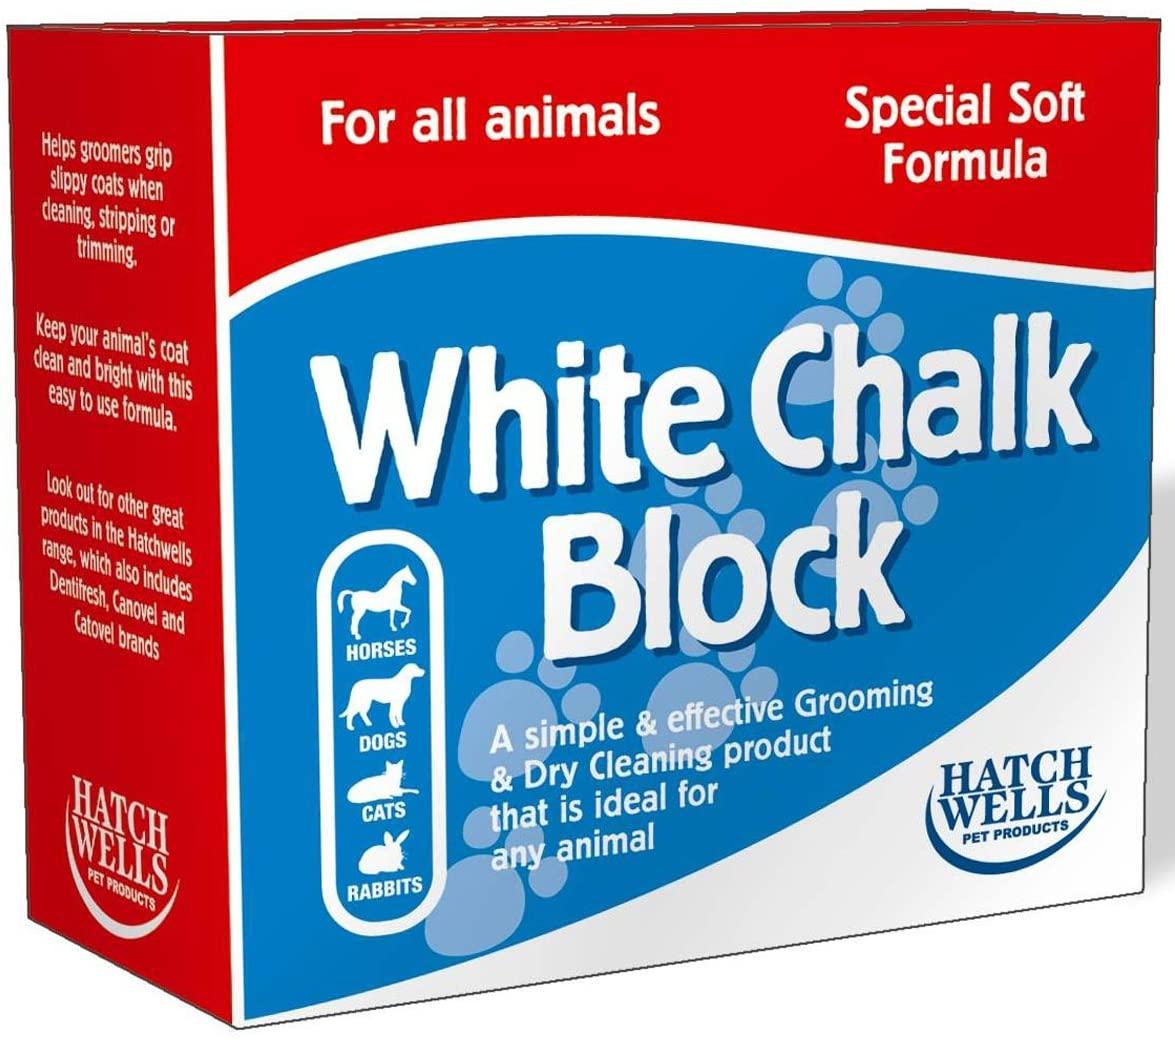 Hatch Wells White Chalk Block